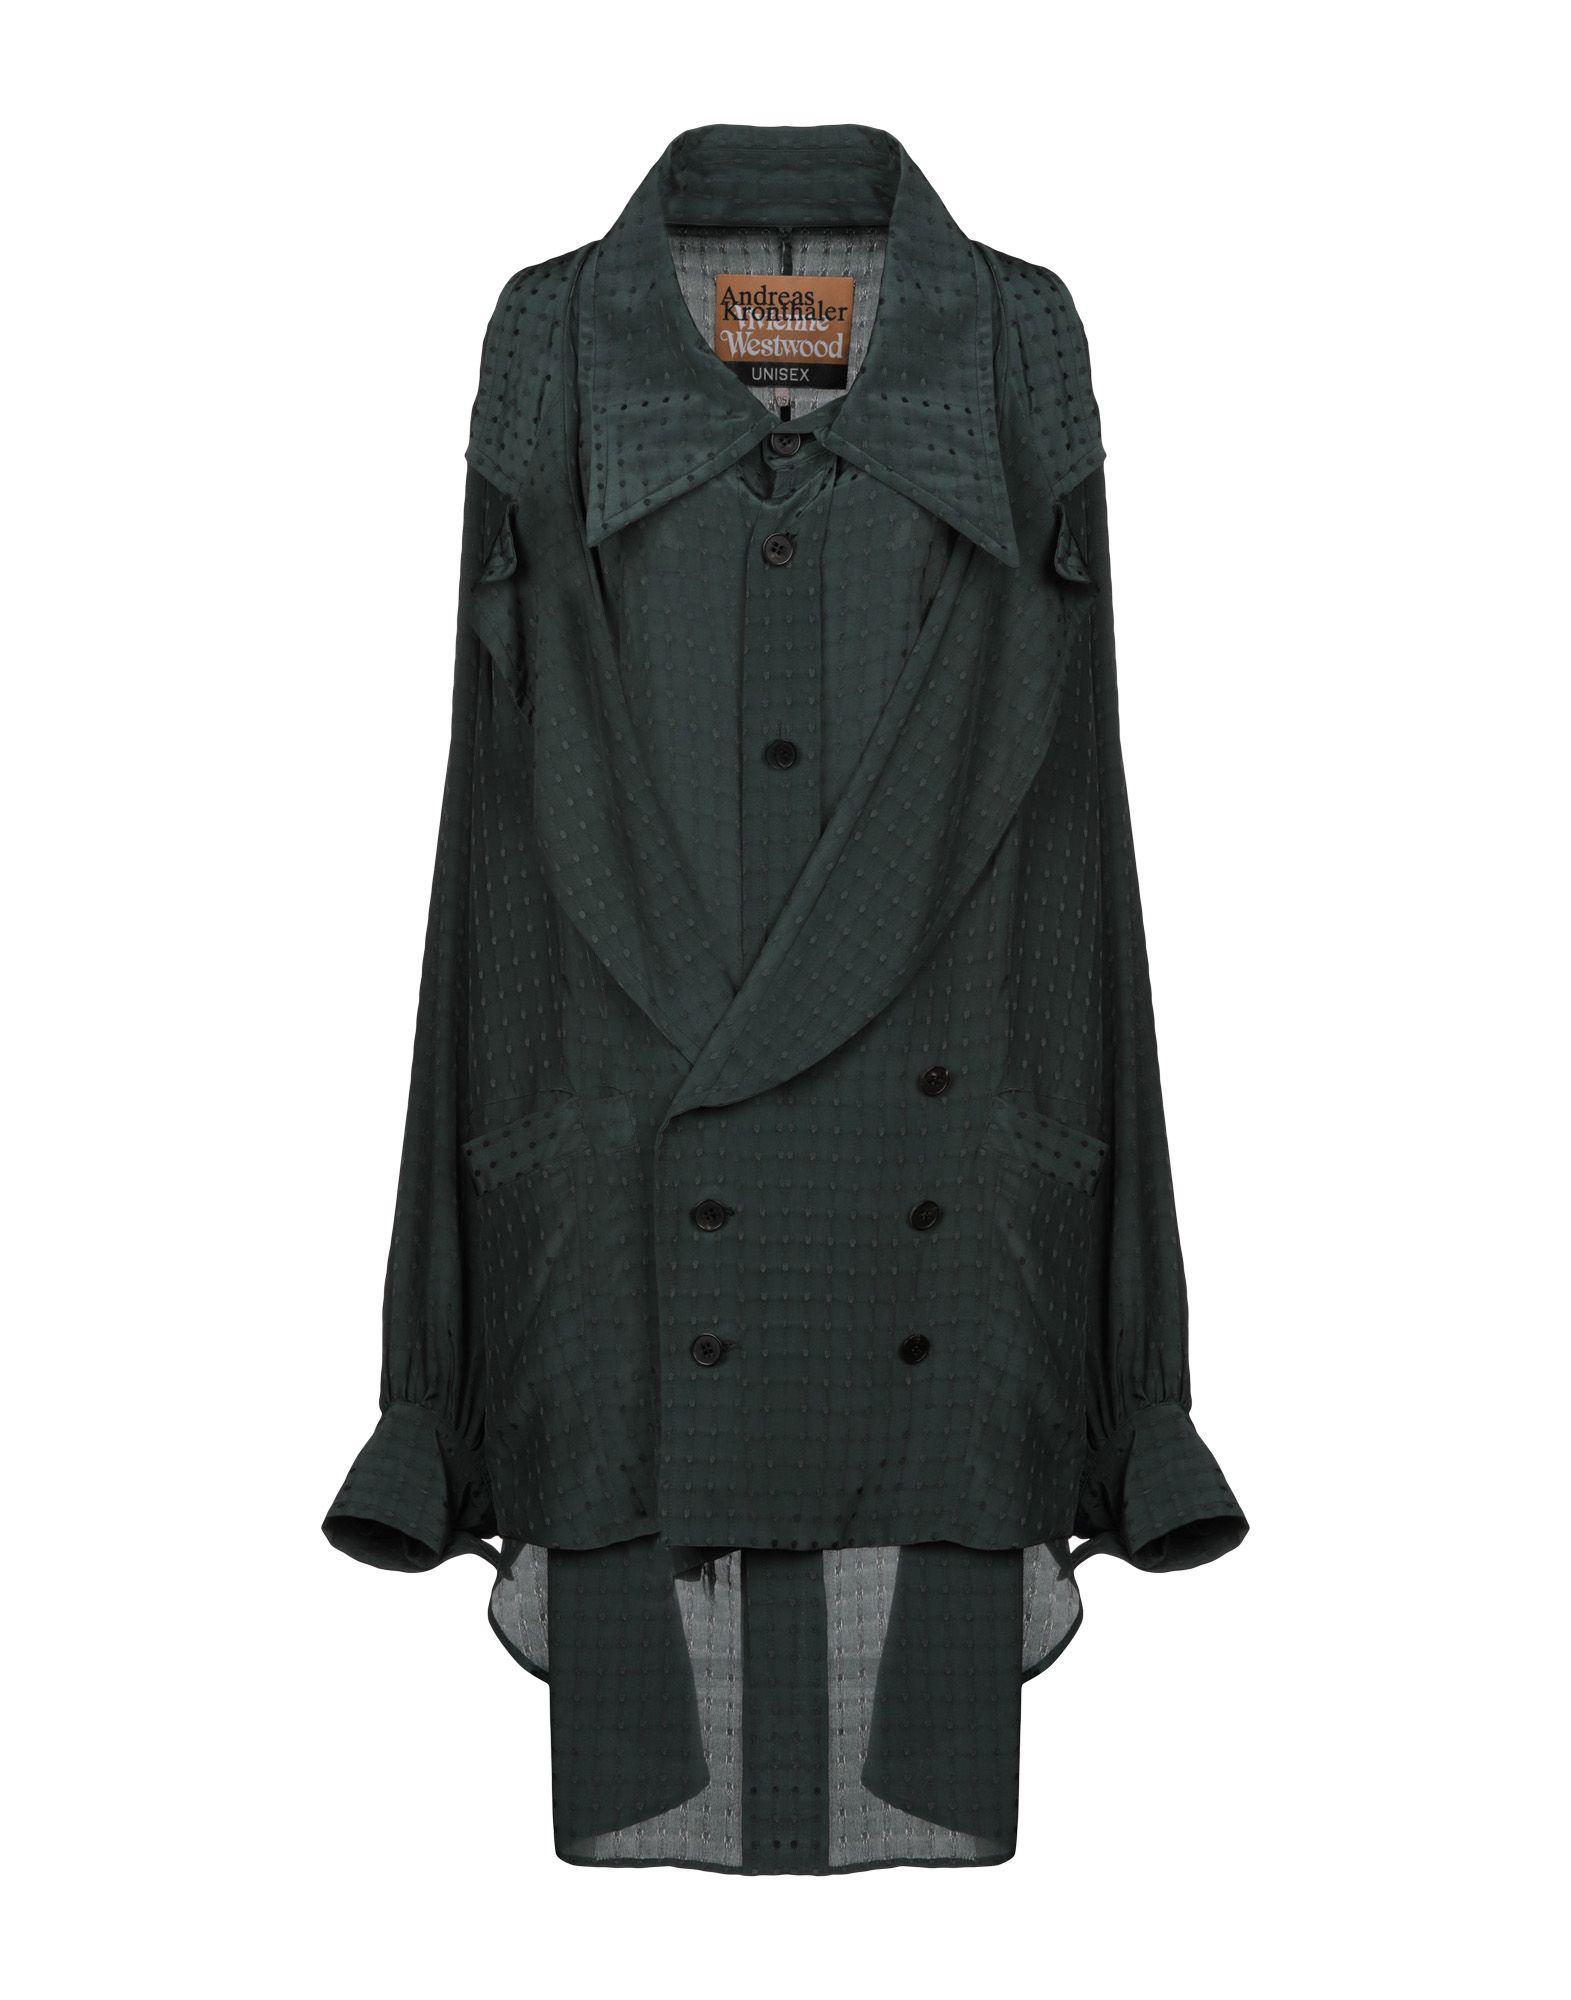 《送料無料》ANDREAS KRONTHALER for VIVIENNE WESTWOOD レディース ライトコート ダークグリーン one size シルク 53% / レーヨン 47%